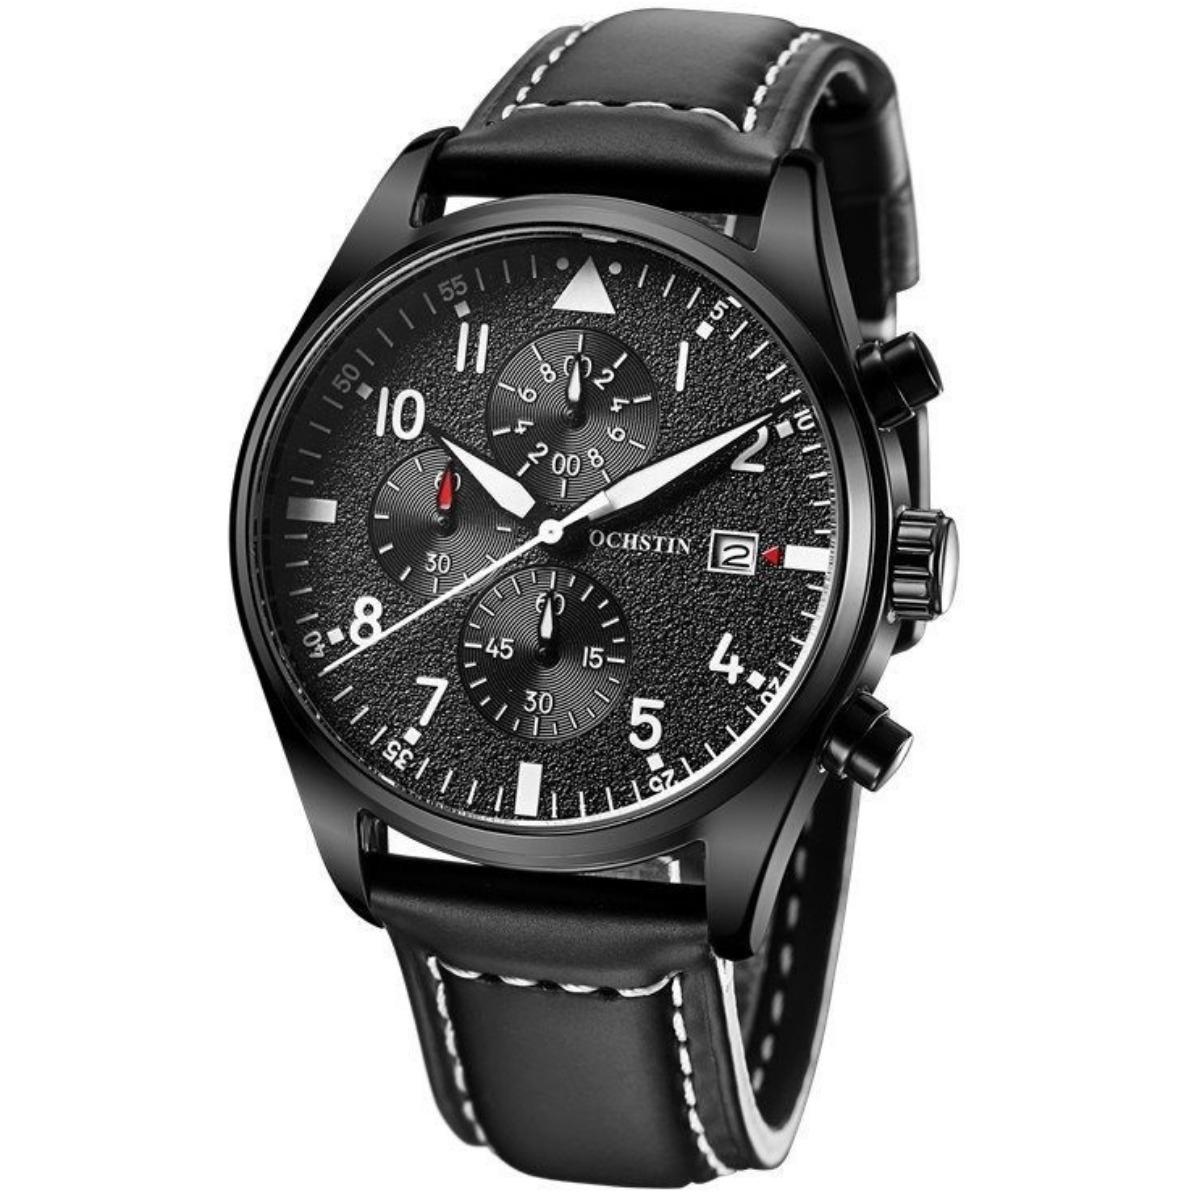 9694cb74f7a relógio masculino ochstin social couro luxo + caixa barato. Carregando zoom.